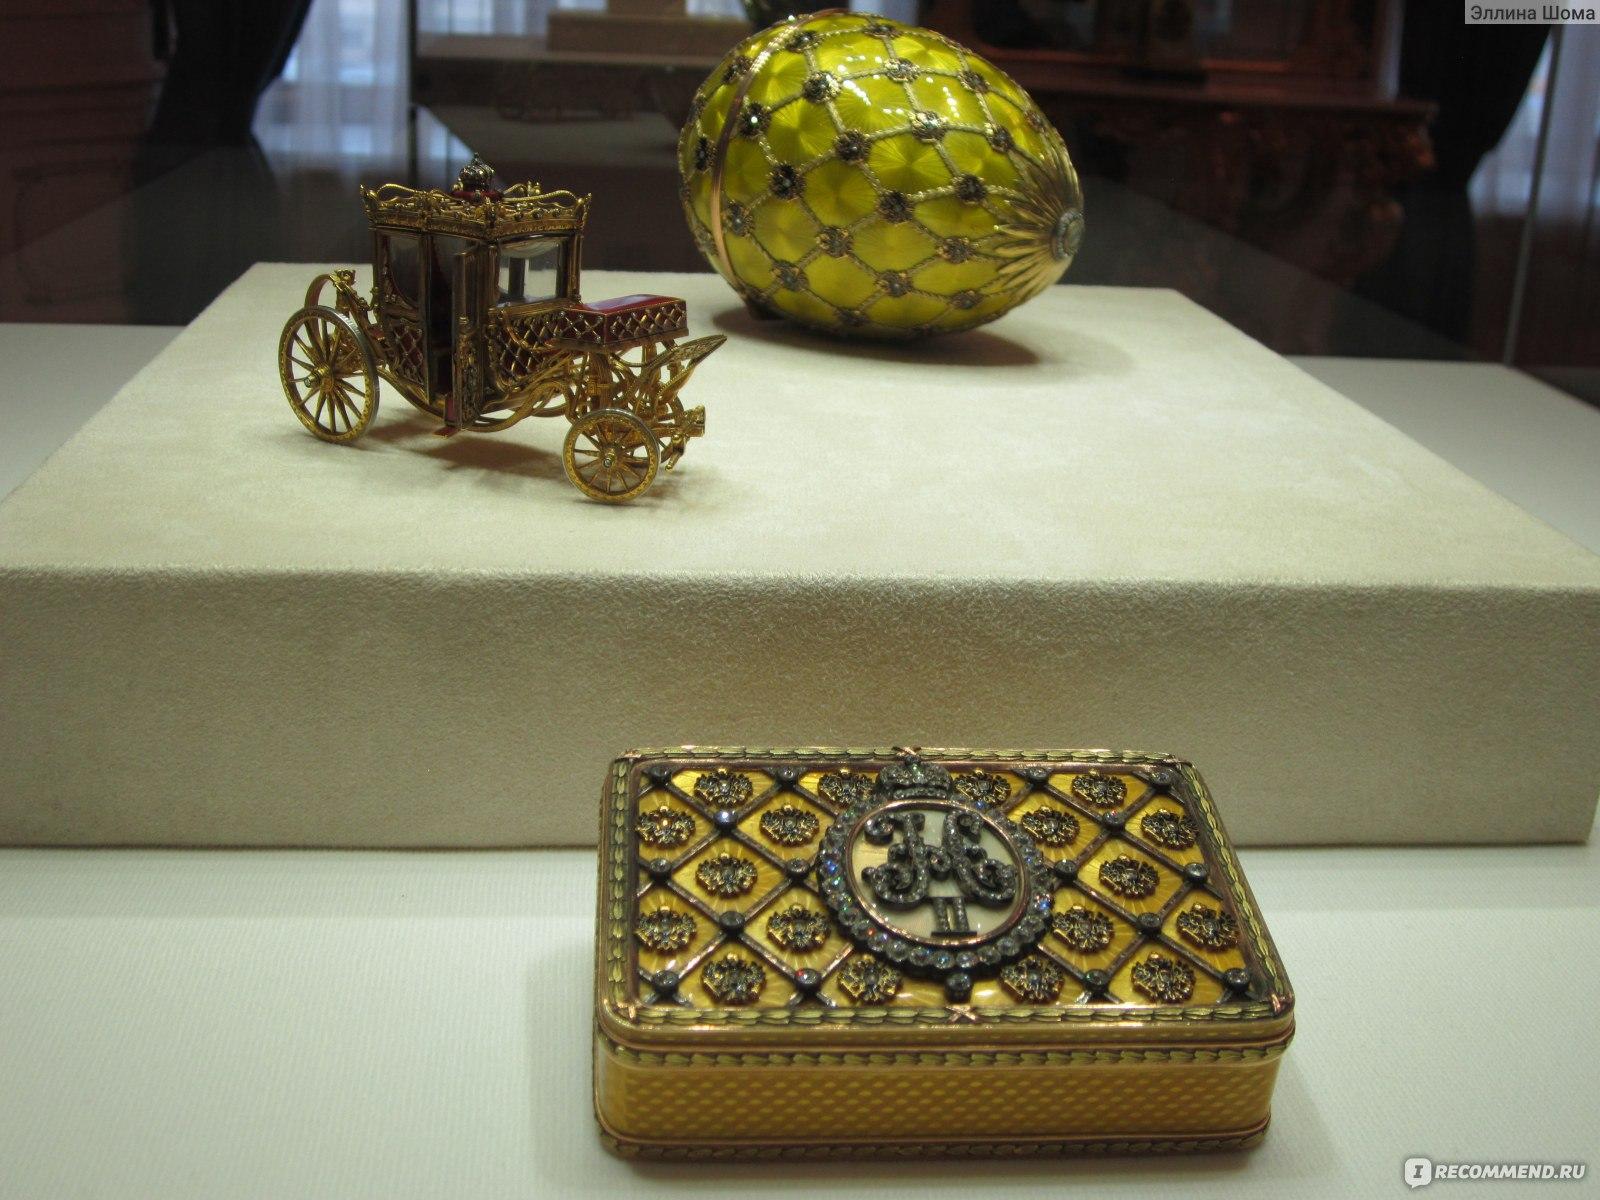 Ювелирные украшения карла фаберже фото